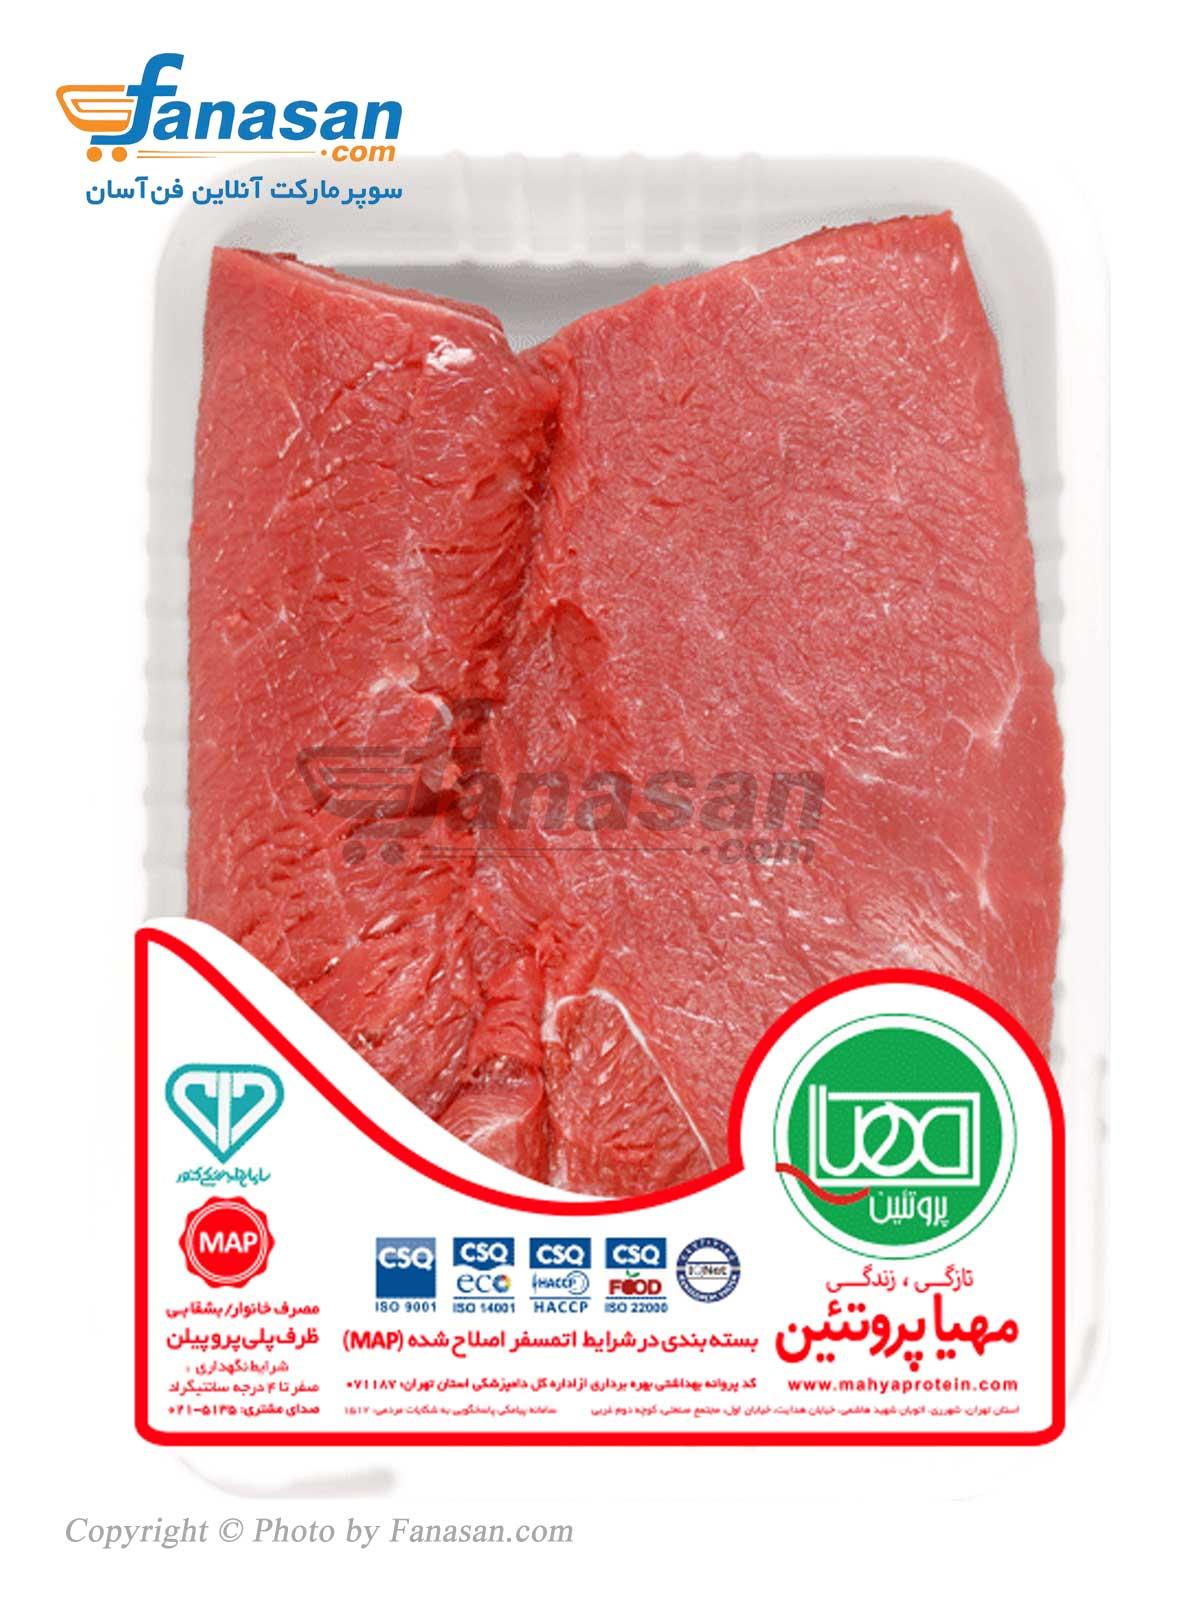 مخلوط گوساله مهیا پروتئین 1000 گرم